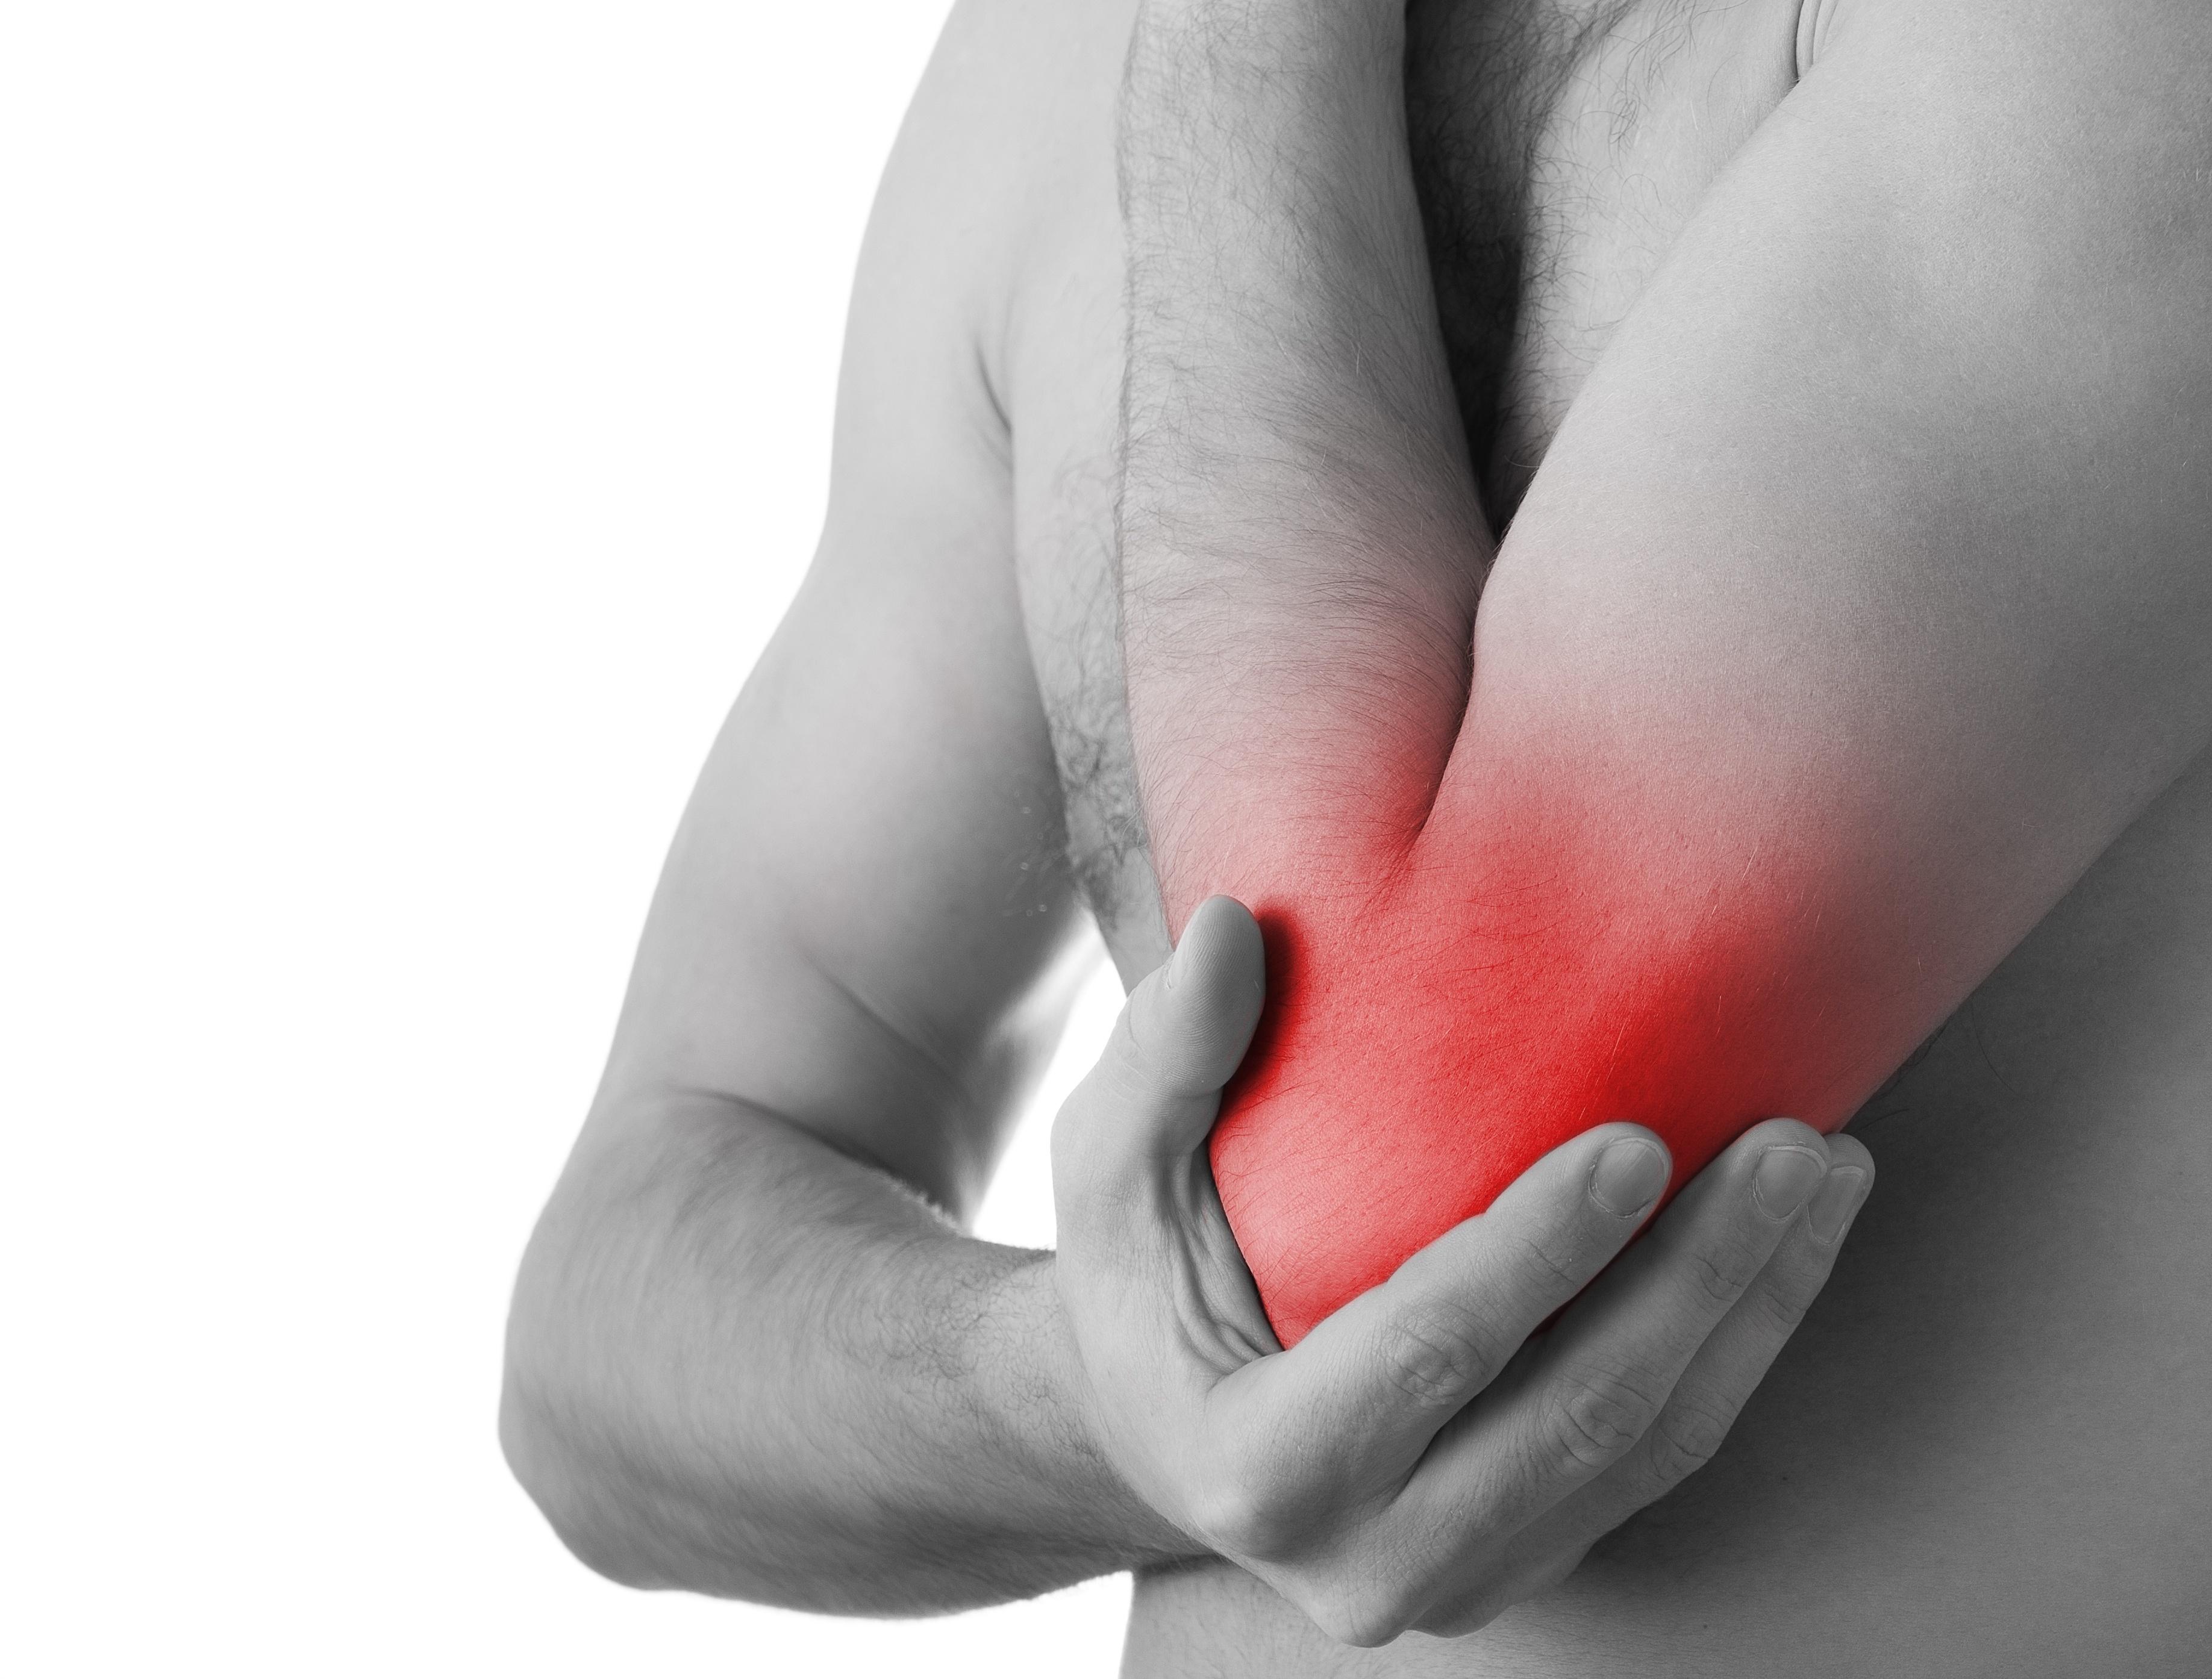 meszes váll kezelése gyulladásgátló ízületi fájdalom